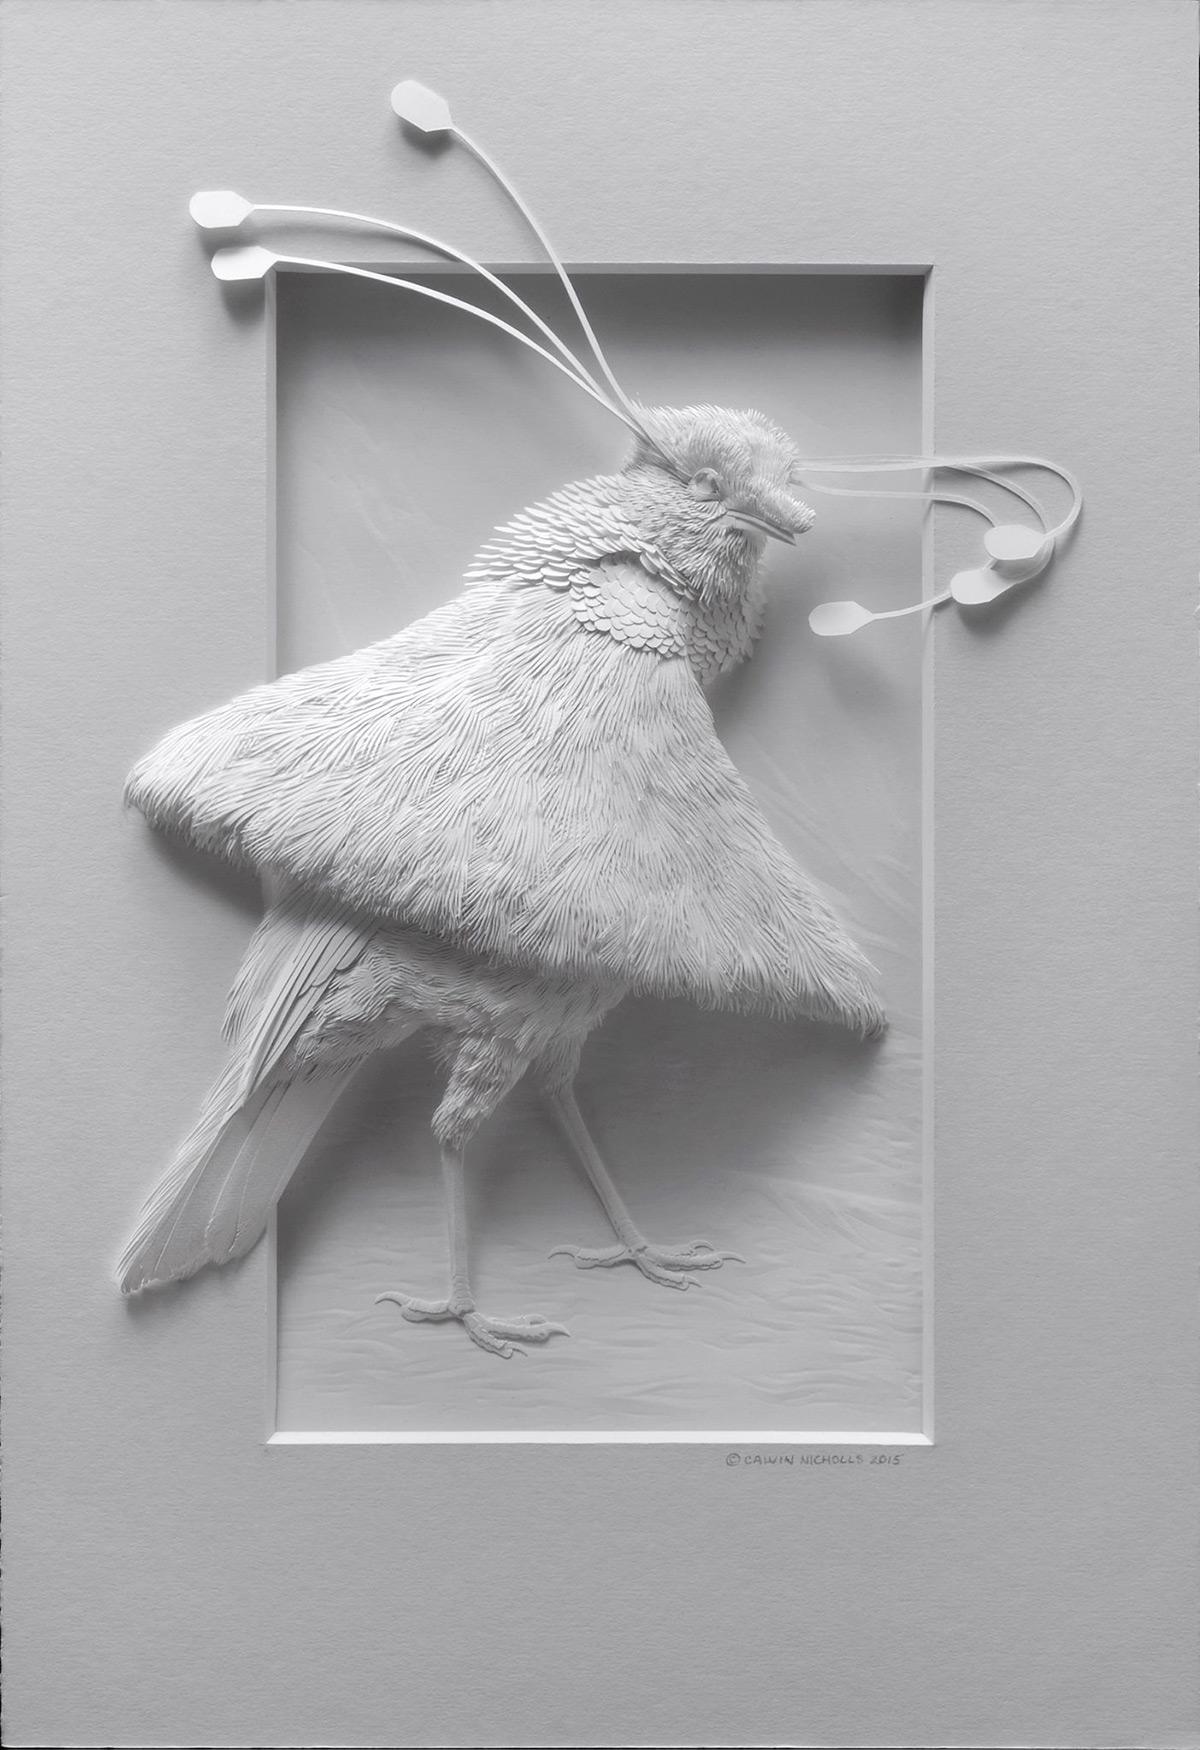 бумажные скульптуры птиц. Фото № 4